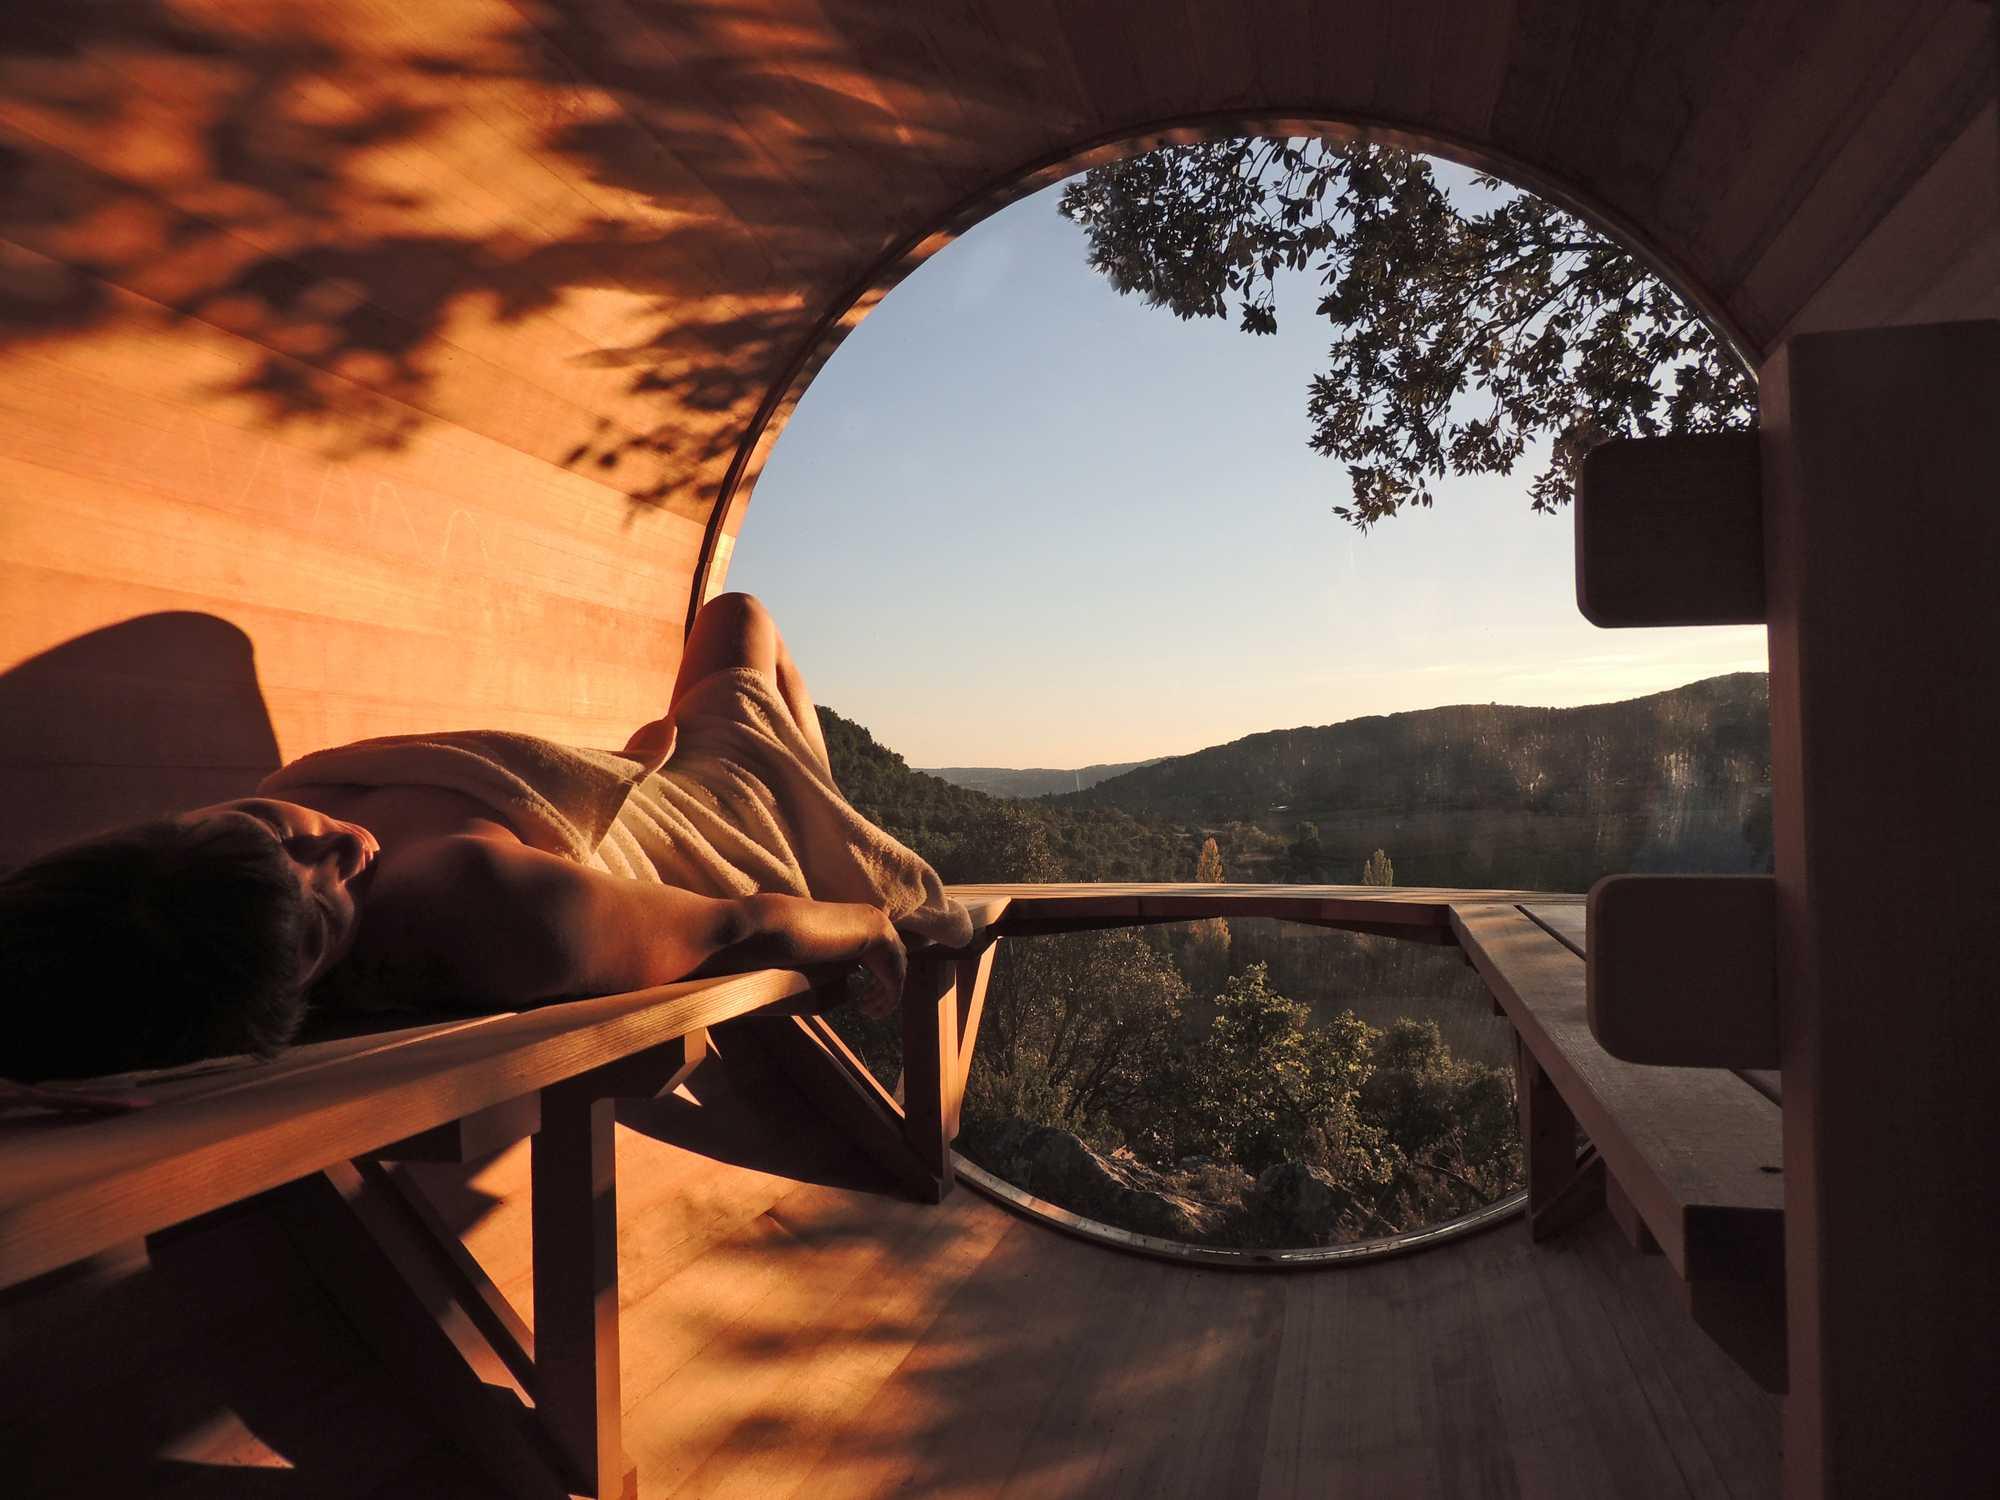 domaine sevenier camping 5 etoiles ardeche spa galerie photo 22 - domaine-sevenier-camping-5-etoiles-ardeche-spa-galerie-photo-22